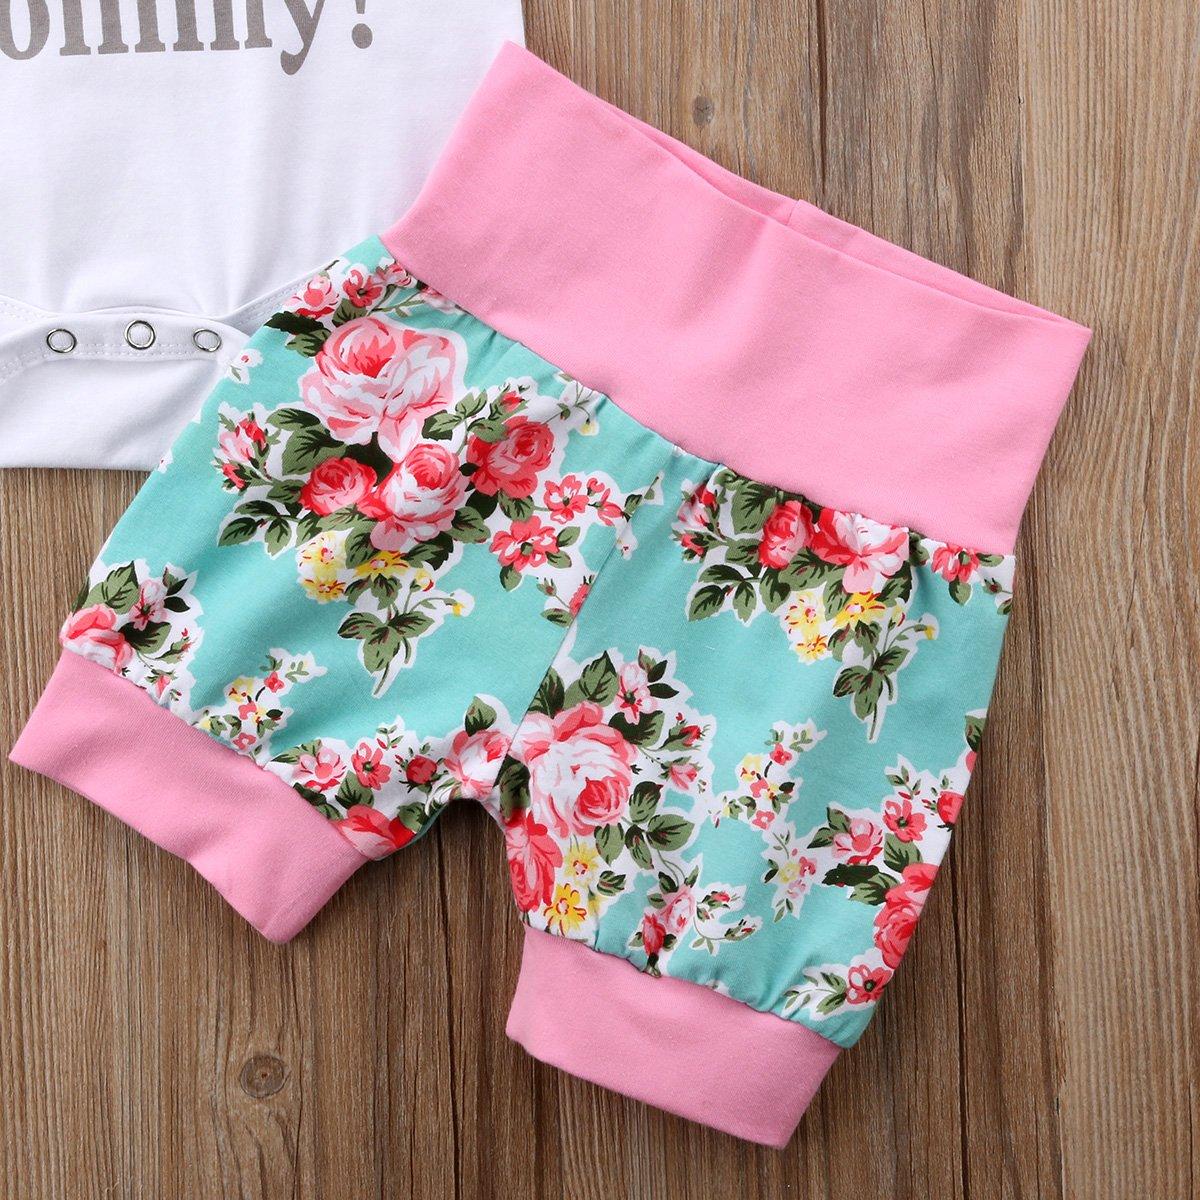 Neugeborenes Baby L/ässige Kleidung Set f/ür Muttertag Vatertag Rundhals Kurzarm Wei/ß Strampler Floral Short Hat Outfits Set 3 St/ück 0-24 Monate